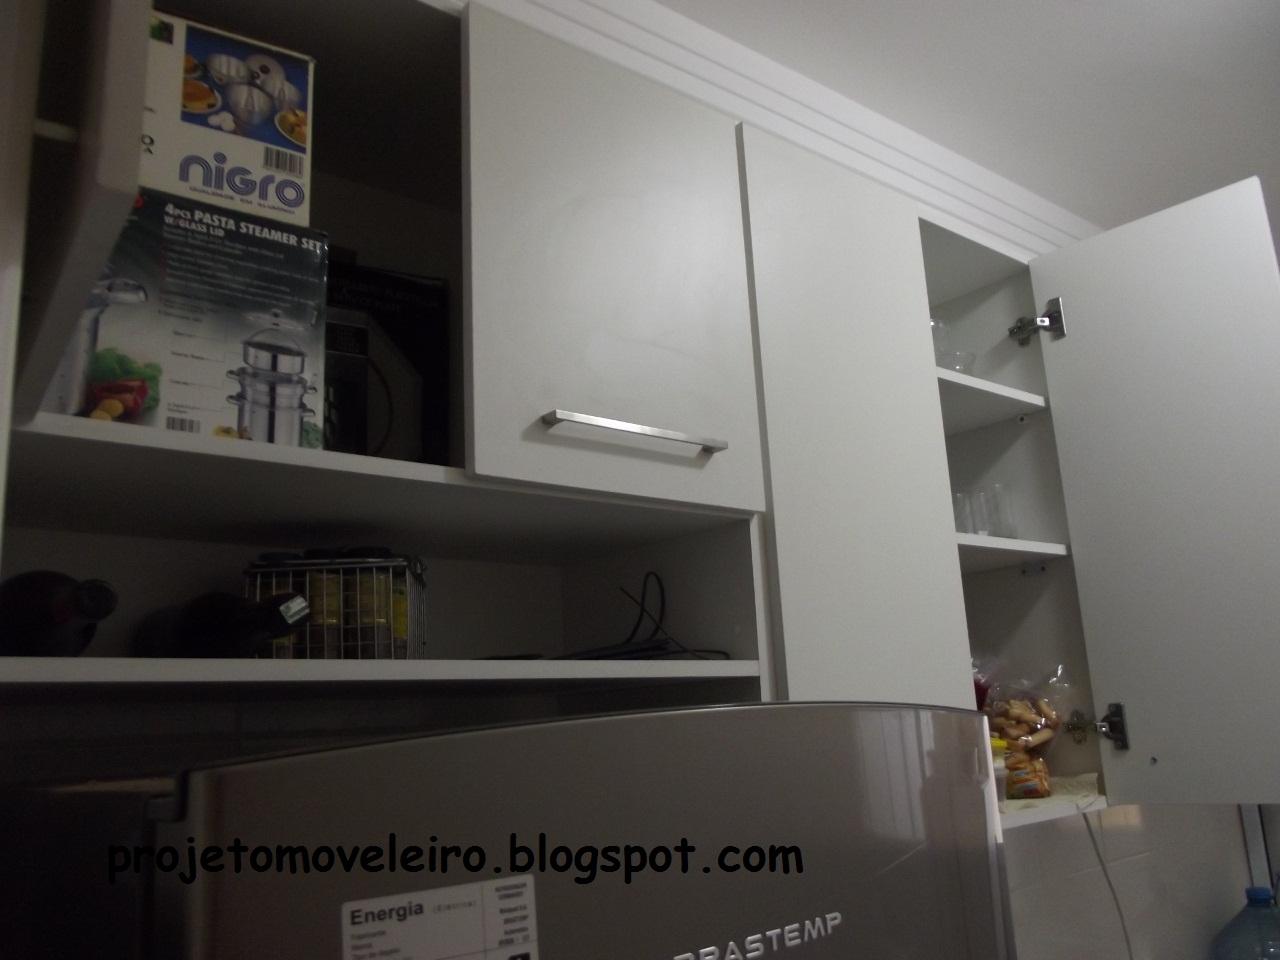 EM MADEIRA MACIÇA E MOVEIS SOB MEDIDA: Cozinha Banheiro e Quarto #272421 1280 960